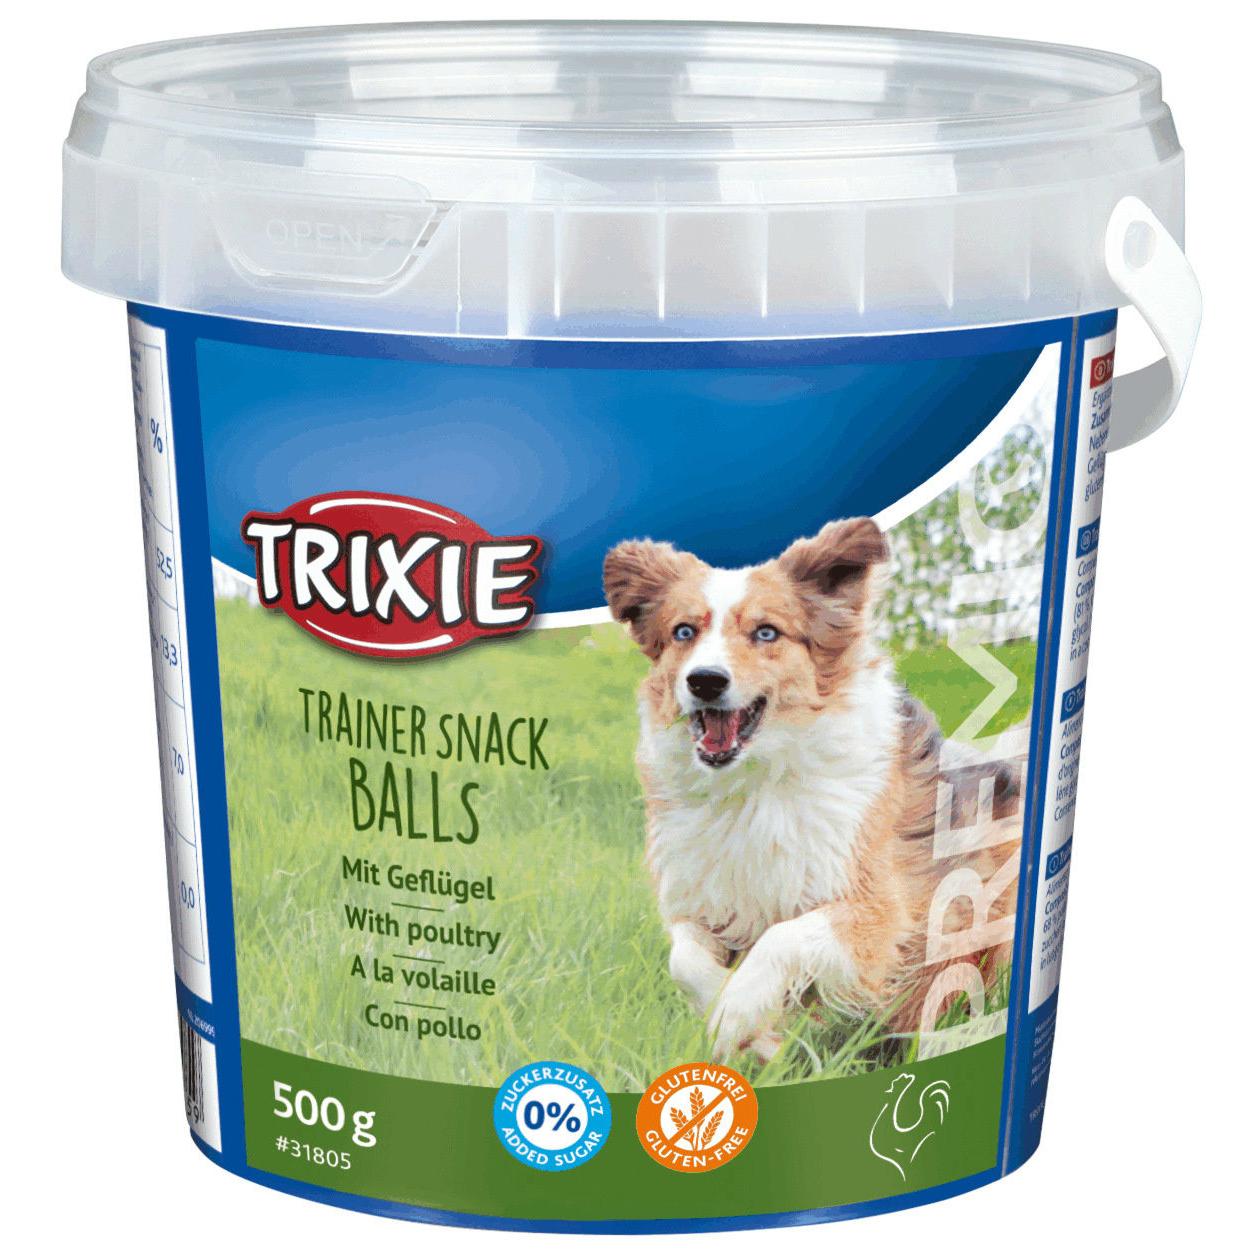 TRIXIE Premio Trainer Snack Balls 31805